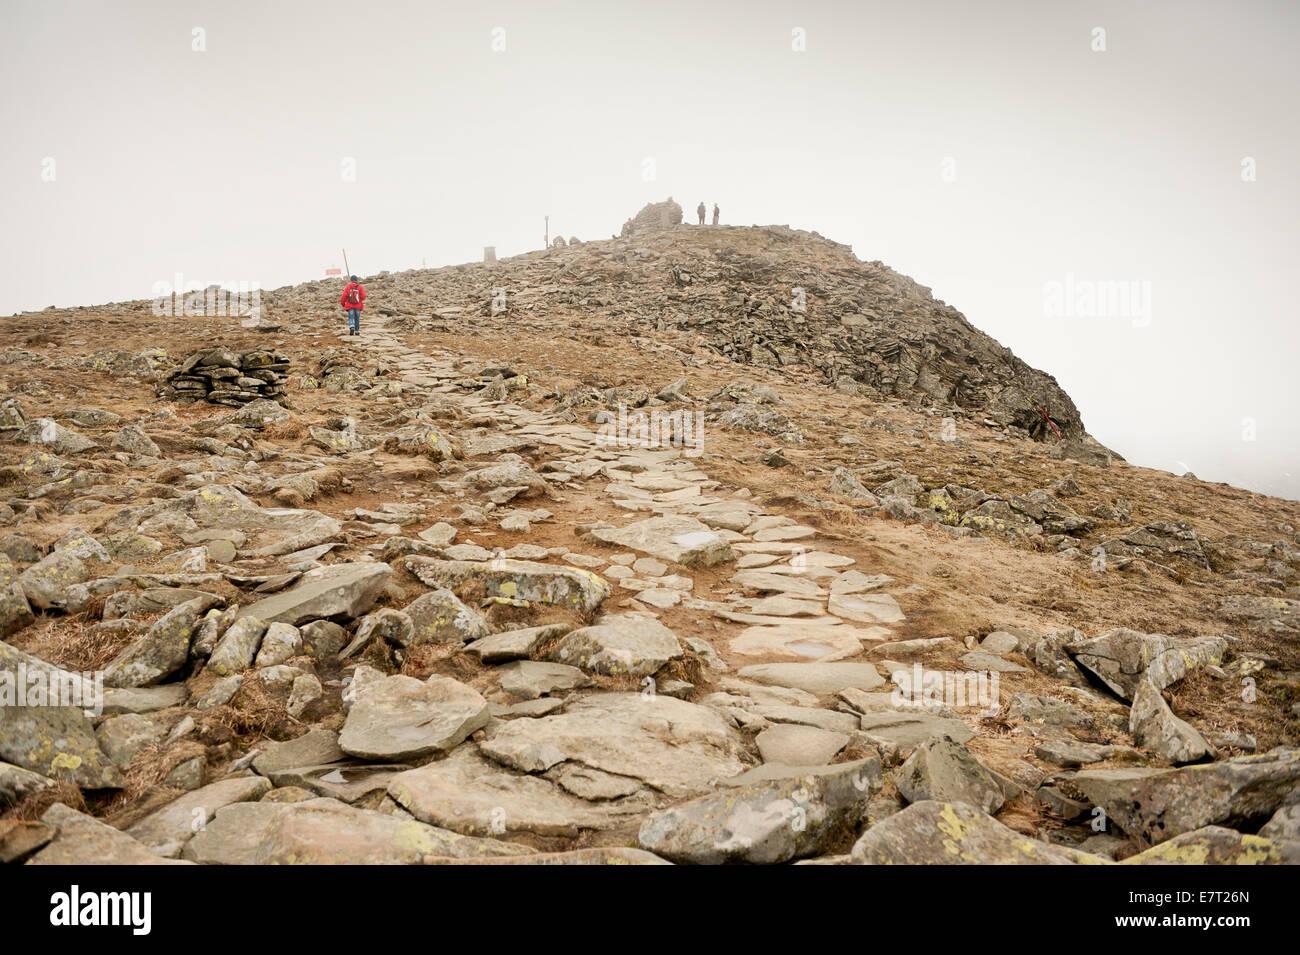 Mountains-expanse-tourism-Tourists-trekk